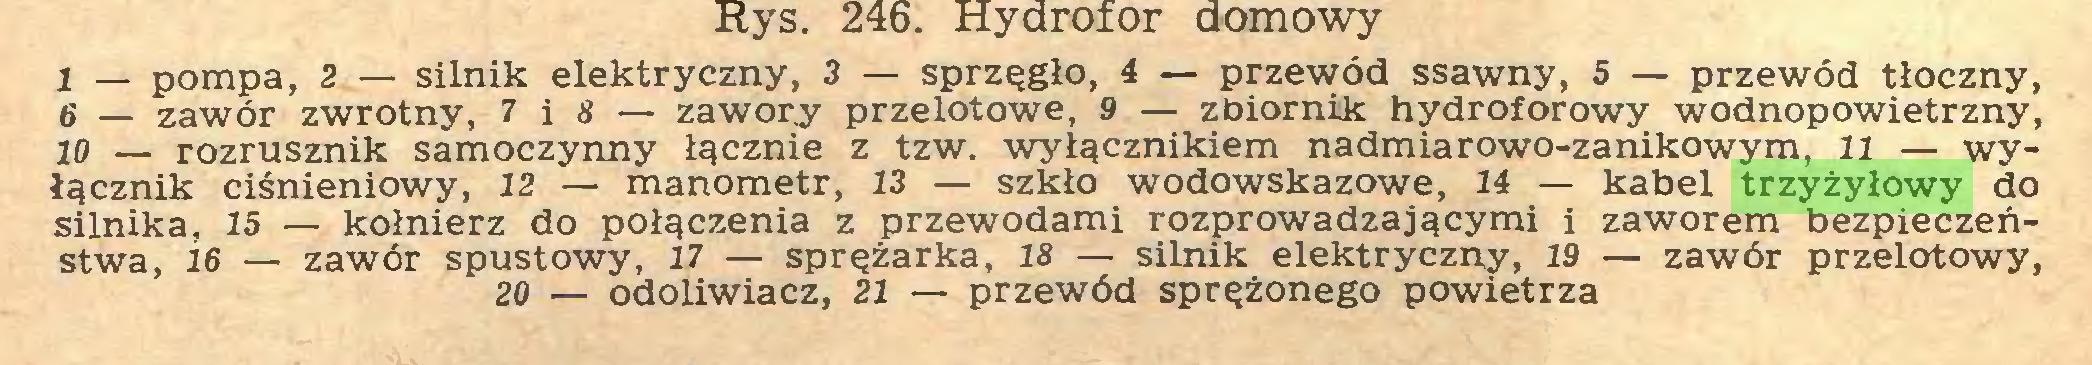 (...) 1 — pompa, 2 — silnik elektryczny, 3 — sprzęgło, 4 — przewód ssawny, 5 — przewód tłoczny, 6 — zawór zwrotny, 7 i 8 — zawory przelotowe, 9 — zbiornik hydroforowy wodnopowietrzny, 2o — rozrusznik samoczynny łącznie z tzw. wyłącznikiem nadmiarowo-zanikowym, 11 — wyłącznik ciśnieniowy, 12 — manometr, 13 — szkło wodowskazowe, 14 — kabel trzyżyłowy do silnika, 15 — kołnierz do połączenia z przewodami rozprowadzającymi i zaworem bezpieczeństwa, 16 — zawór spustowy, 17 — sprężarka, 18 — silnik elektryczny, 19 — zawór przelotowy, 20 — odoliwiacz, 21 — przewód sprężonego powietrza...